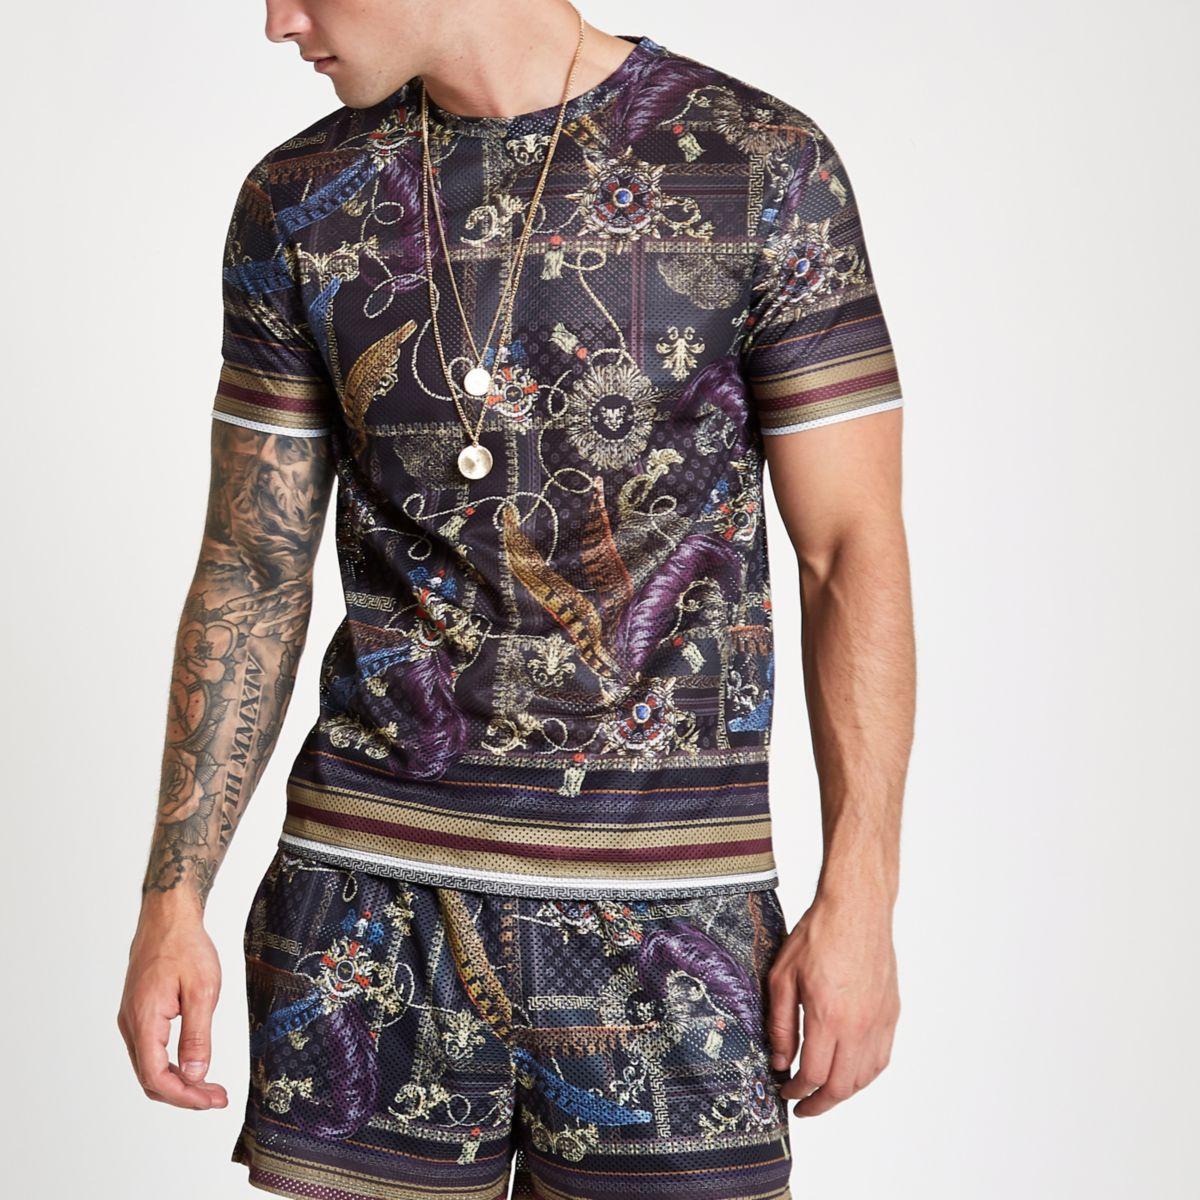 Black Mesh Baroque Print Slim Fit T Shirt by River Island